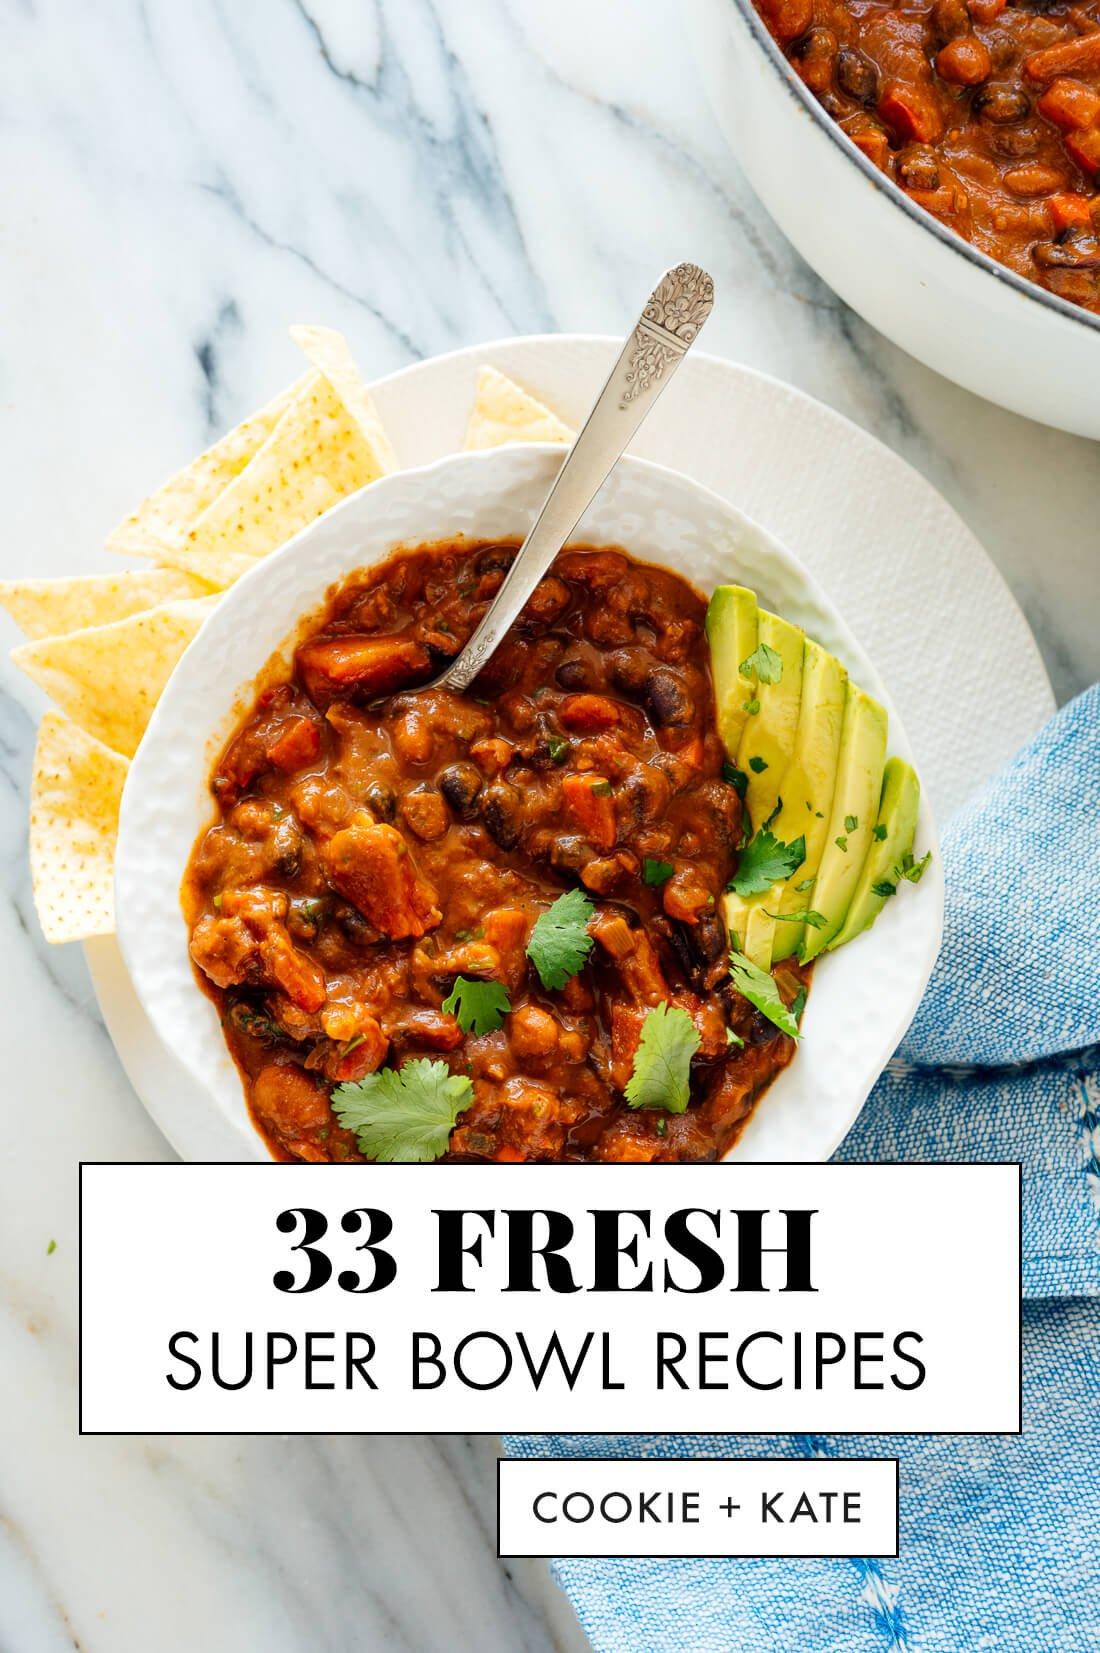 33 fresh super bowl recipes